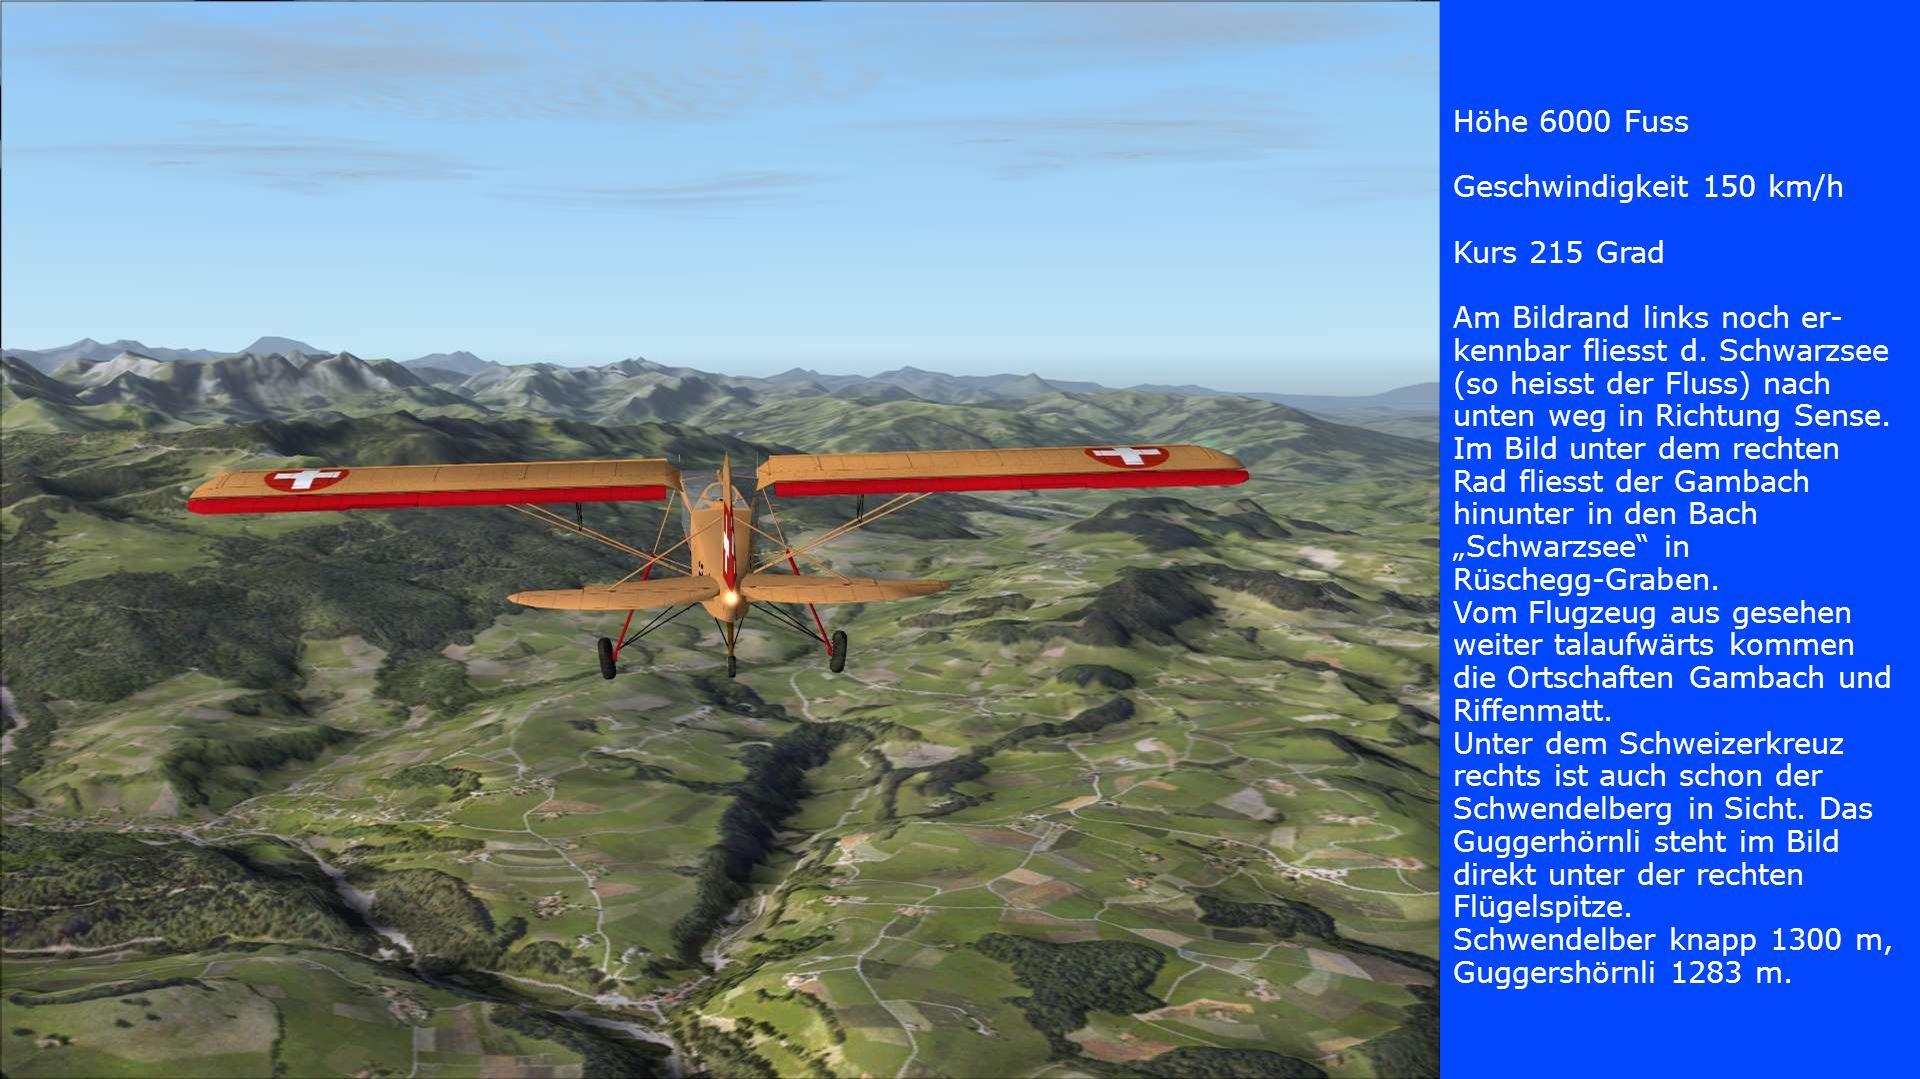 Höhe 6000 Fuss Geschwindigkeit 150 km/h Kurs 215 Grad Am Bildrand links noch er- kennbar fliesst d.